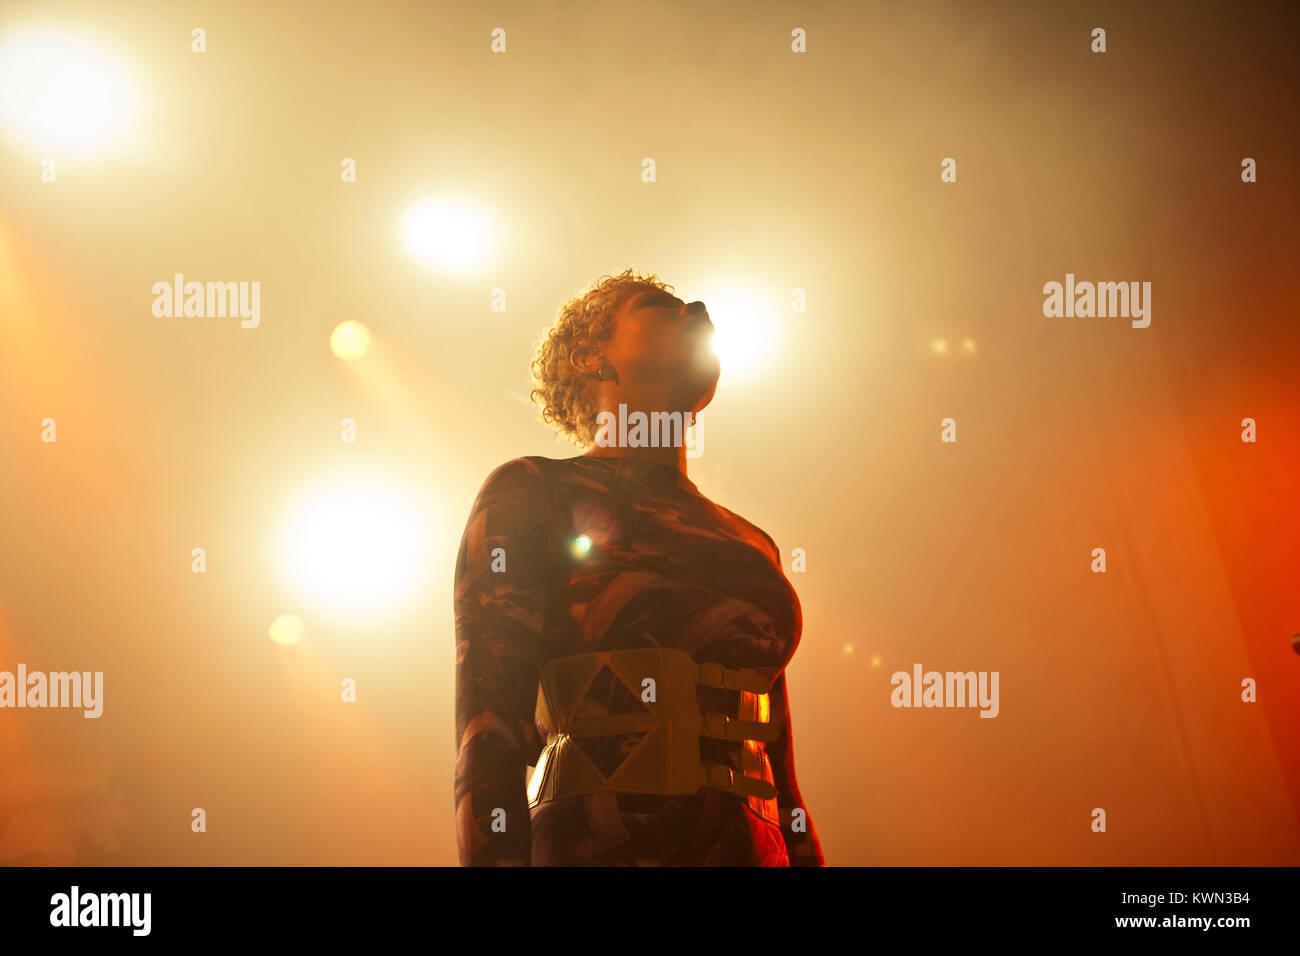 L'auteur-compositrice-interprète et de R&B Kelis superstar est ici photographié à un concert Photo Stock